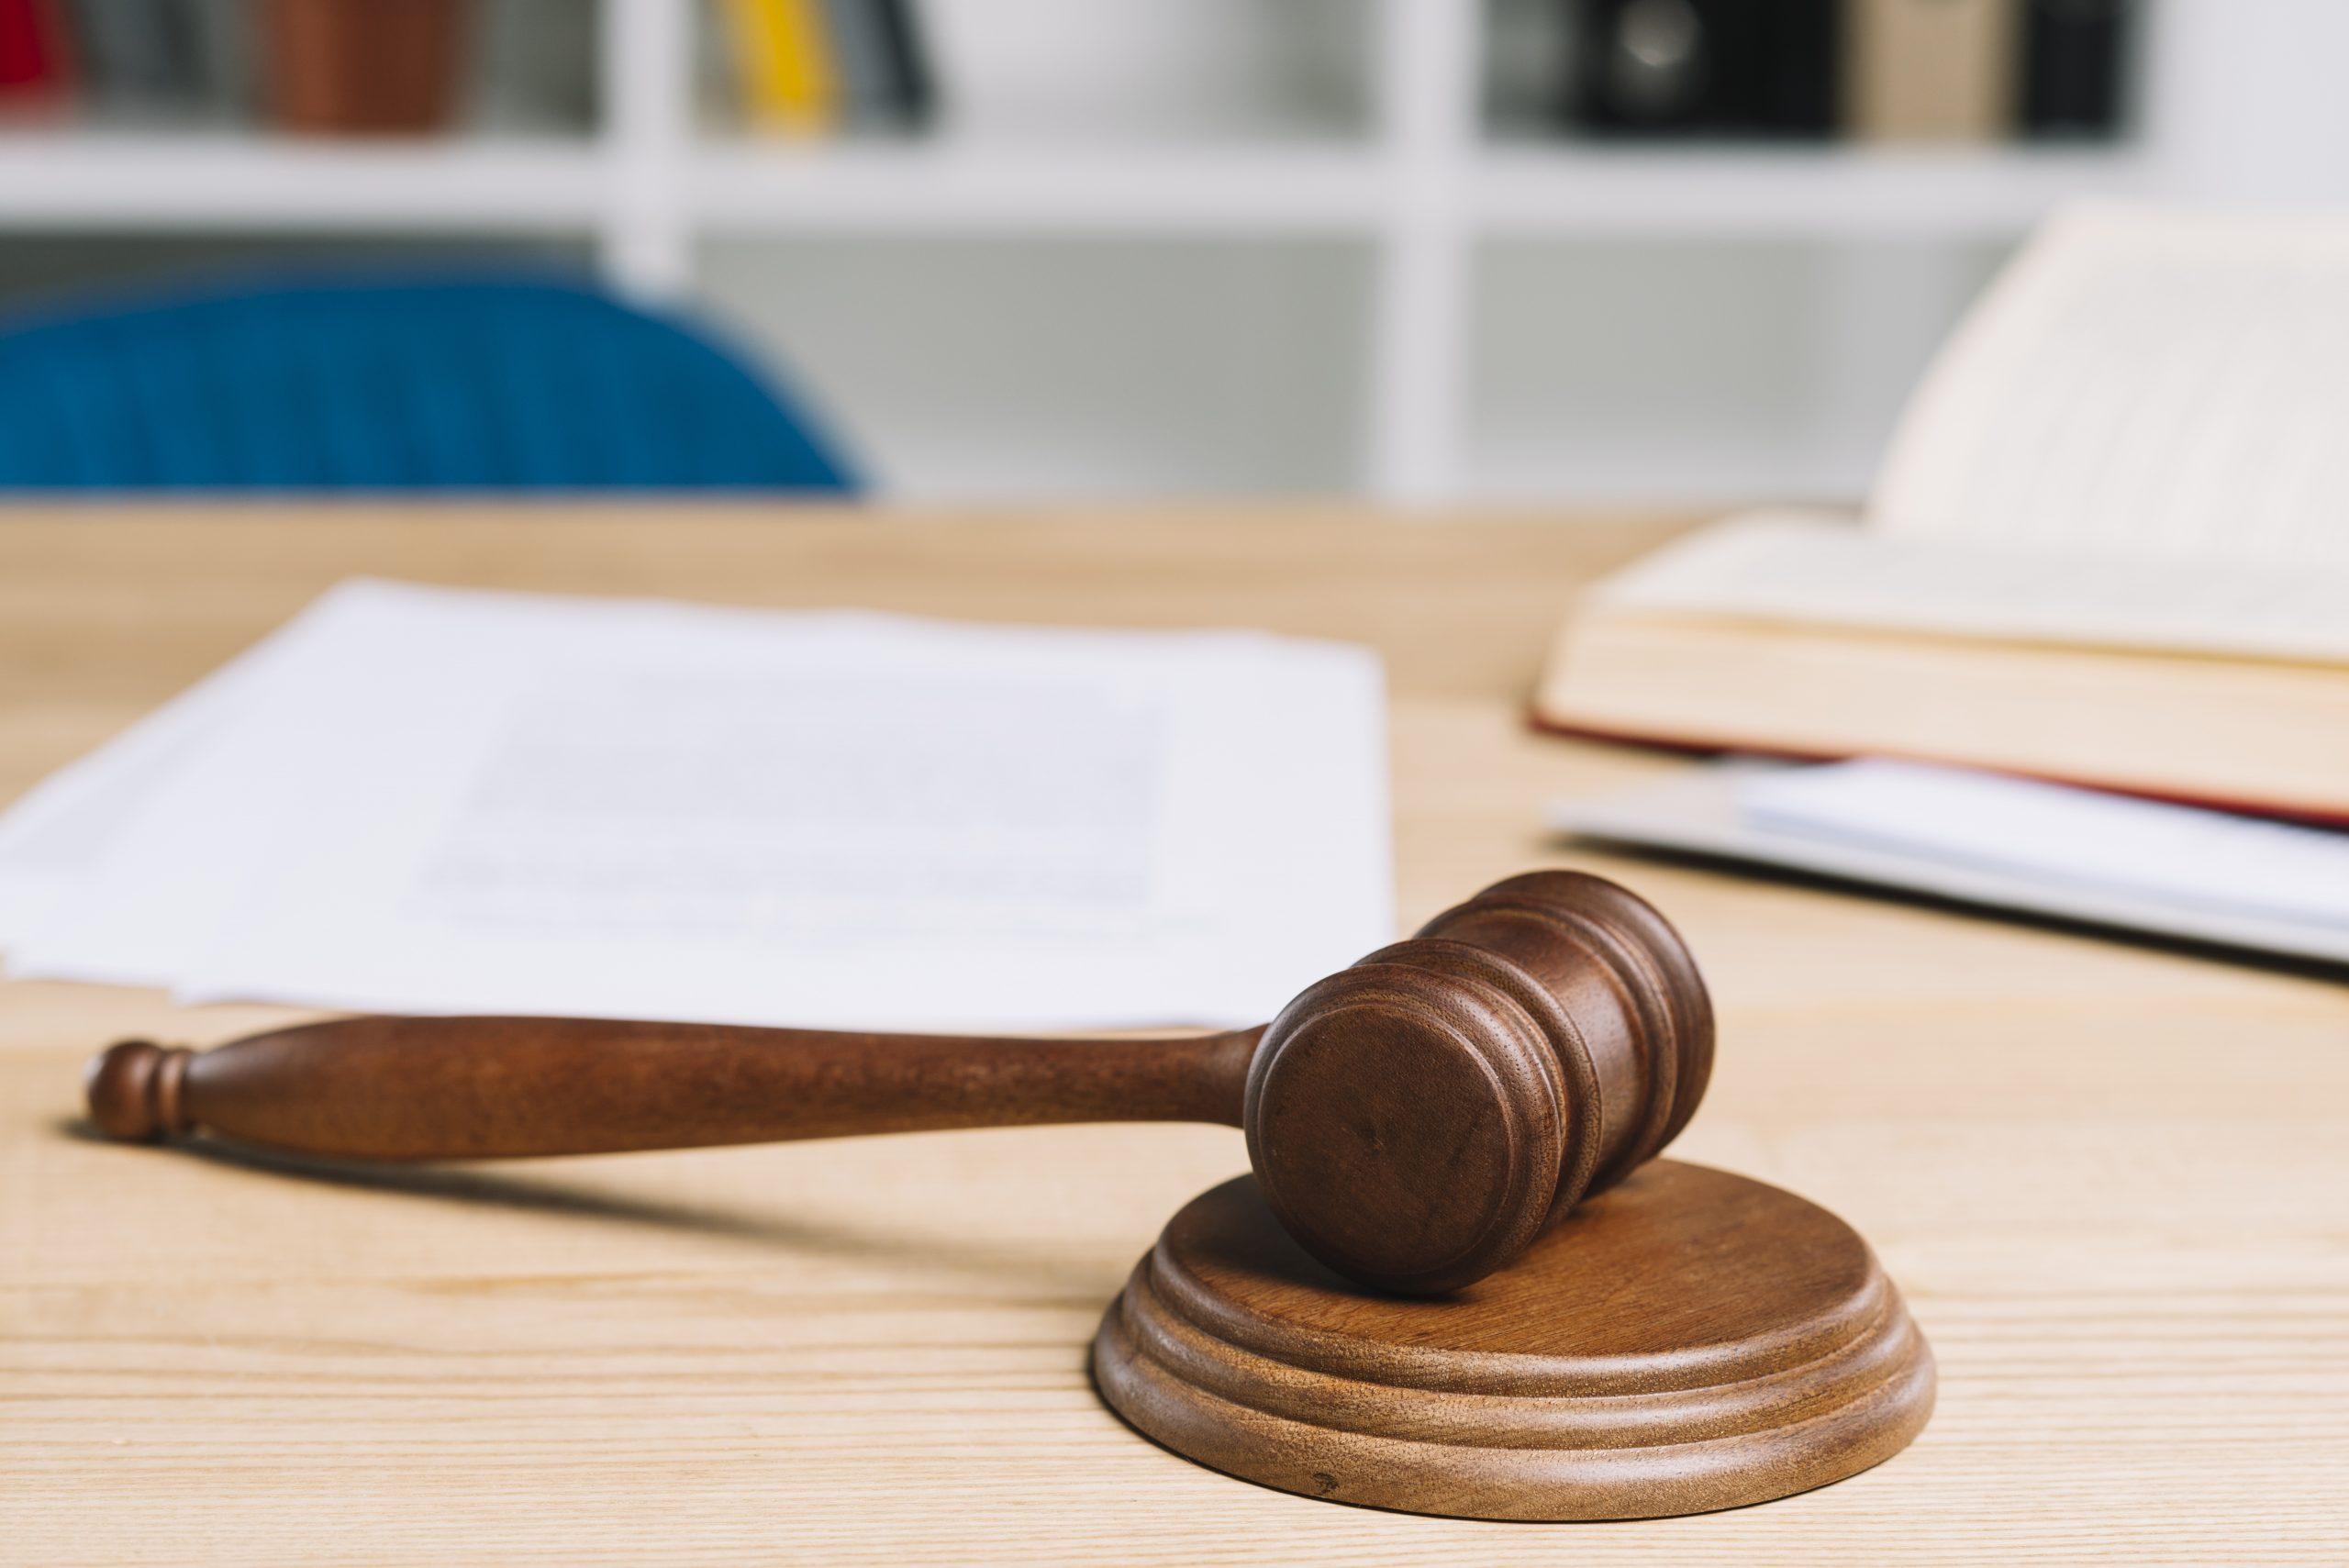 Судебное решение на руках: что делать дальше?